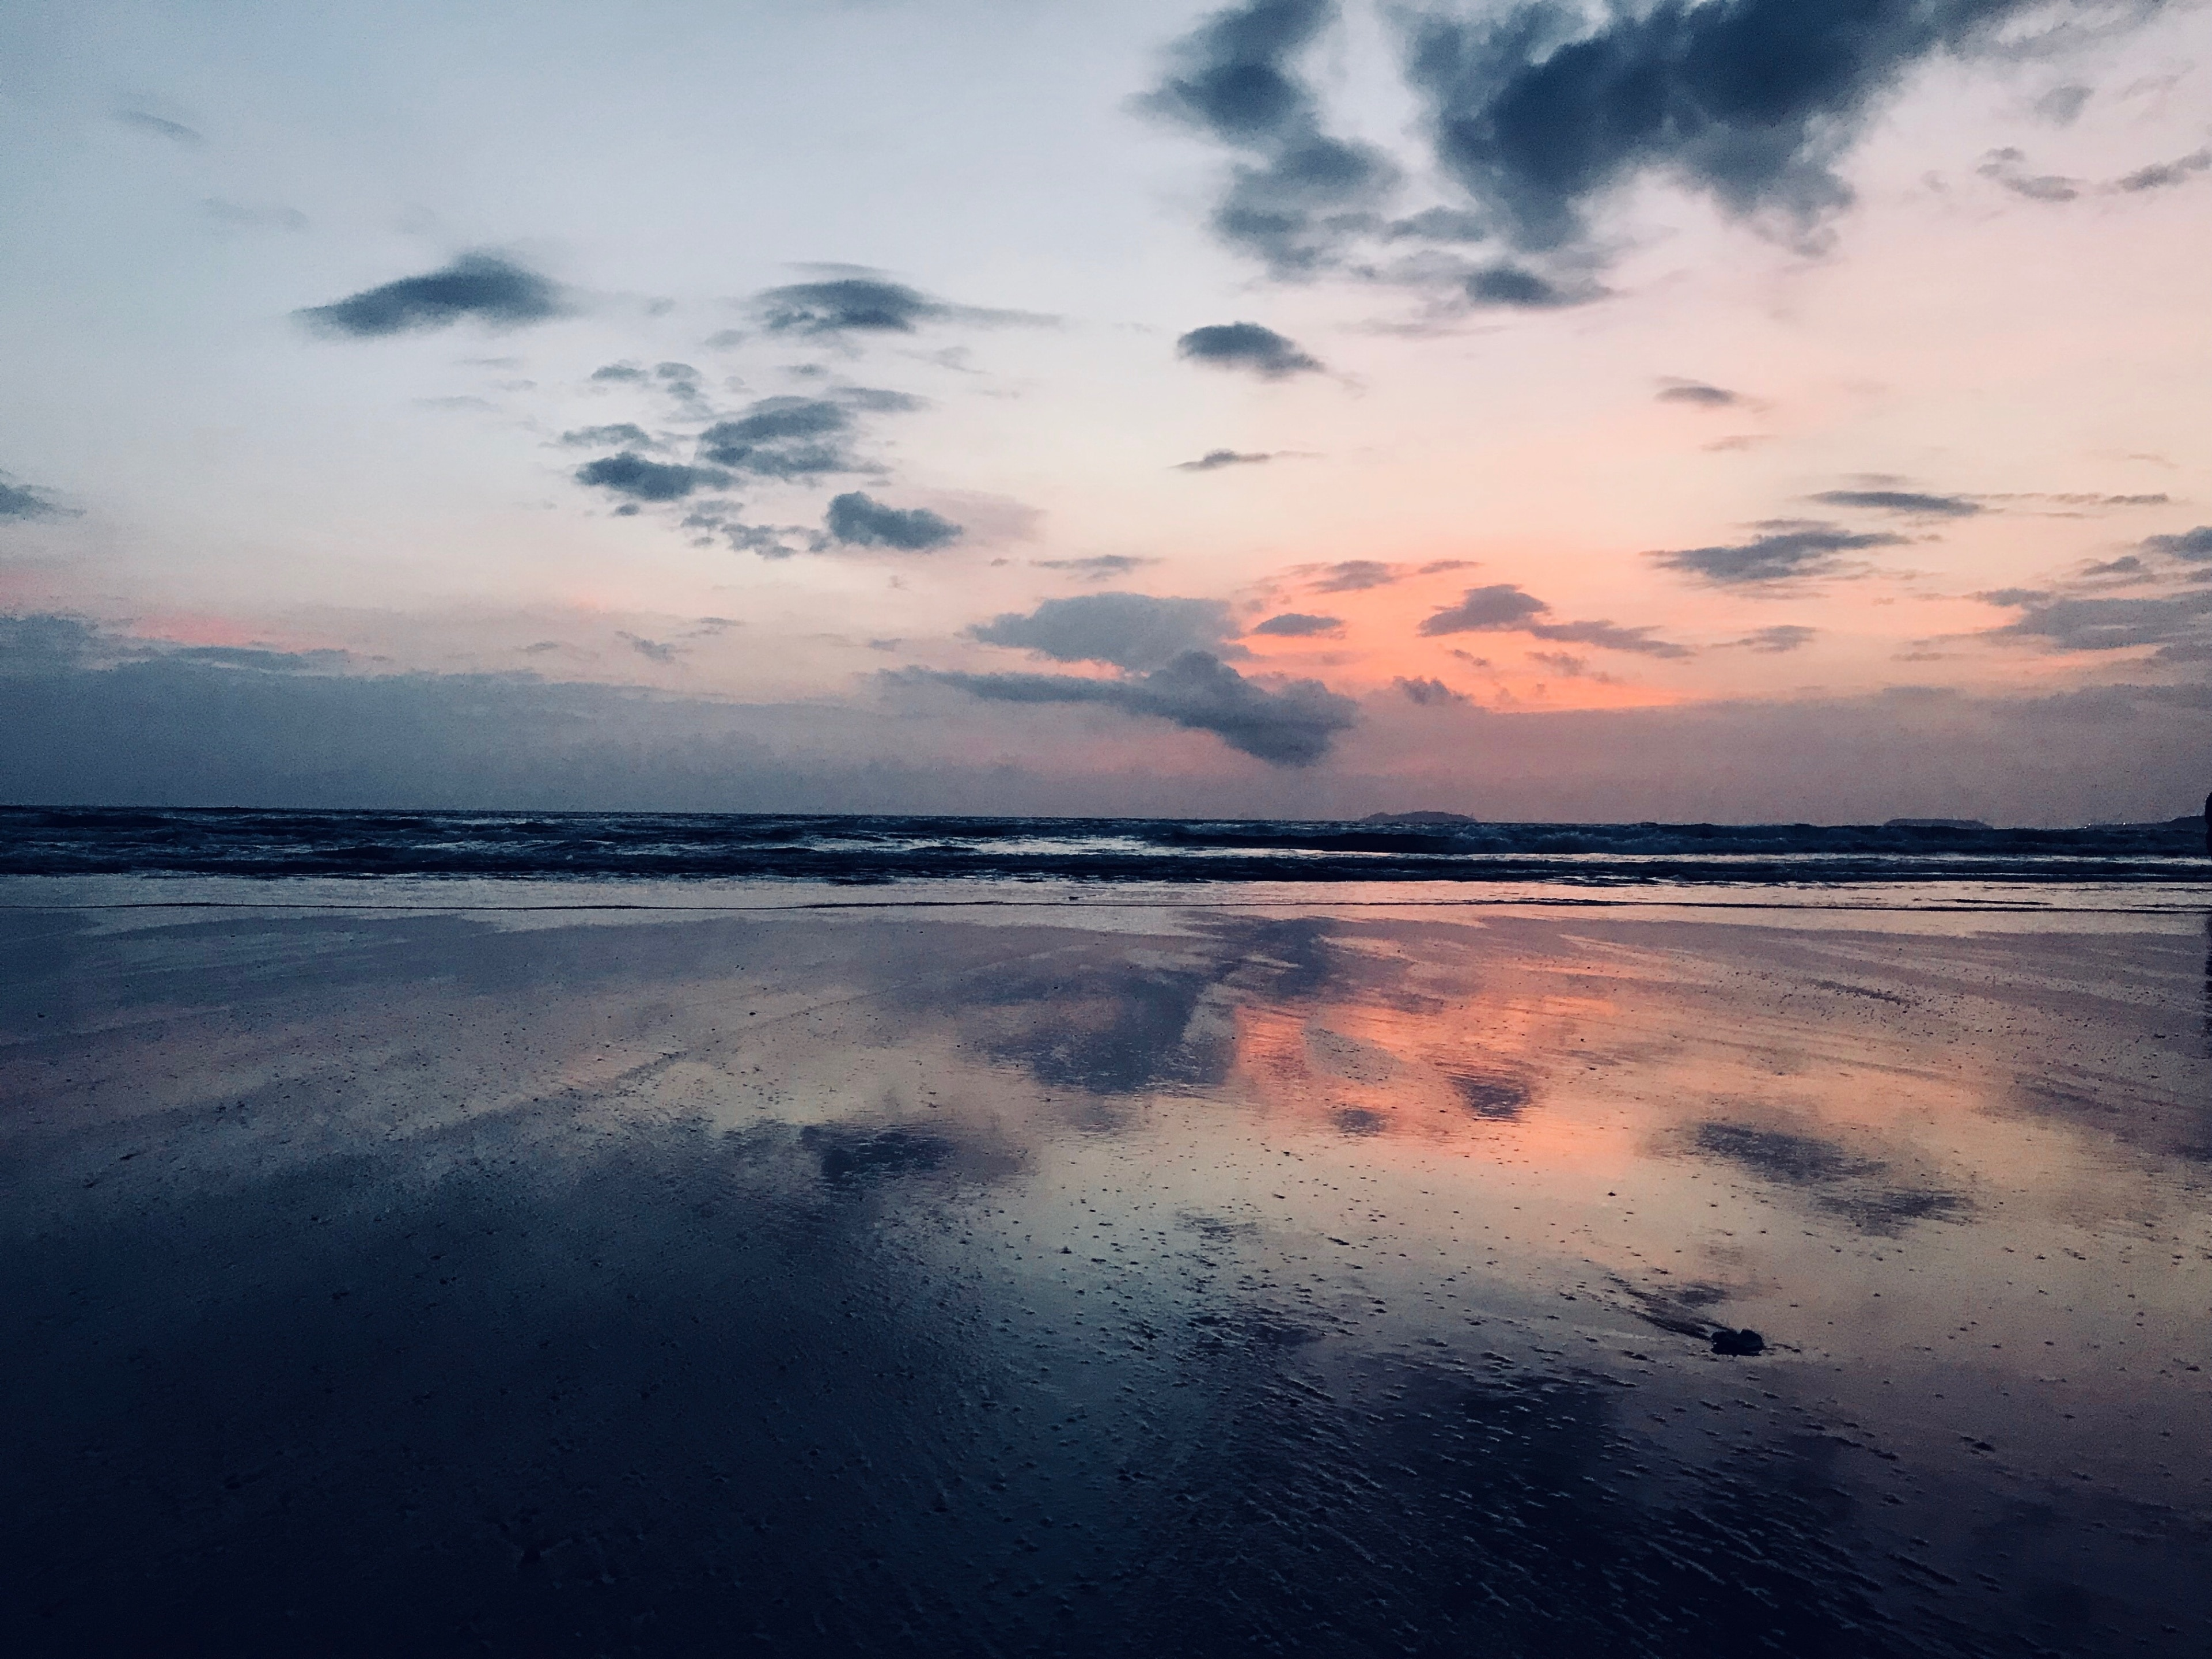 Marmagao, Goa, India